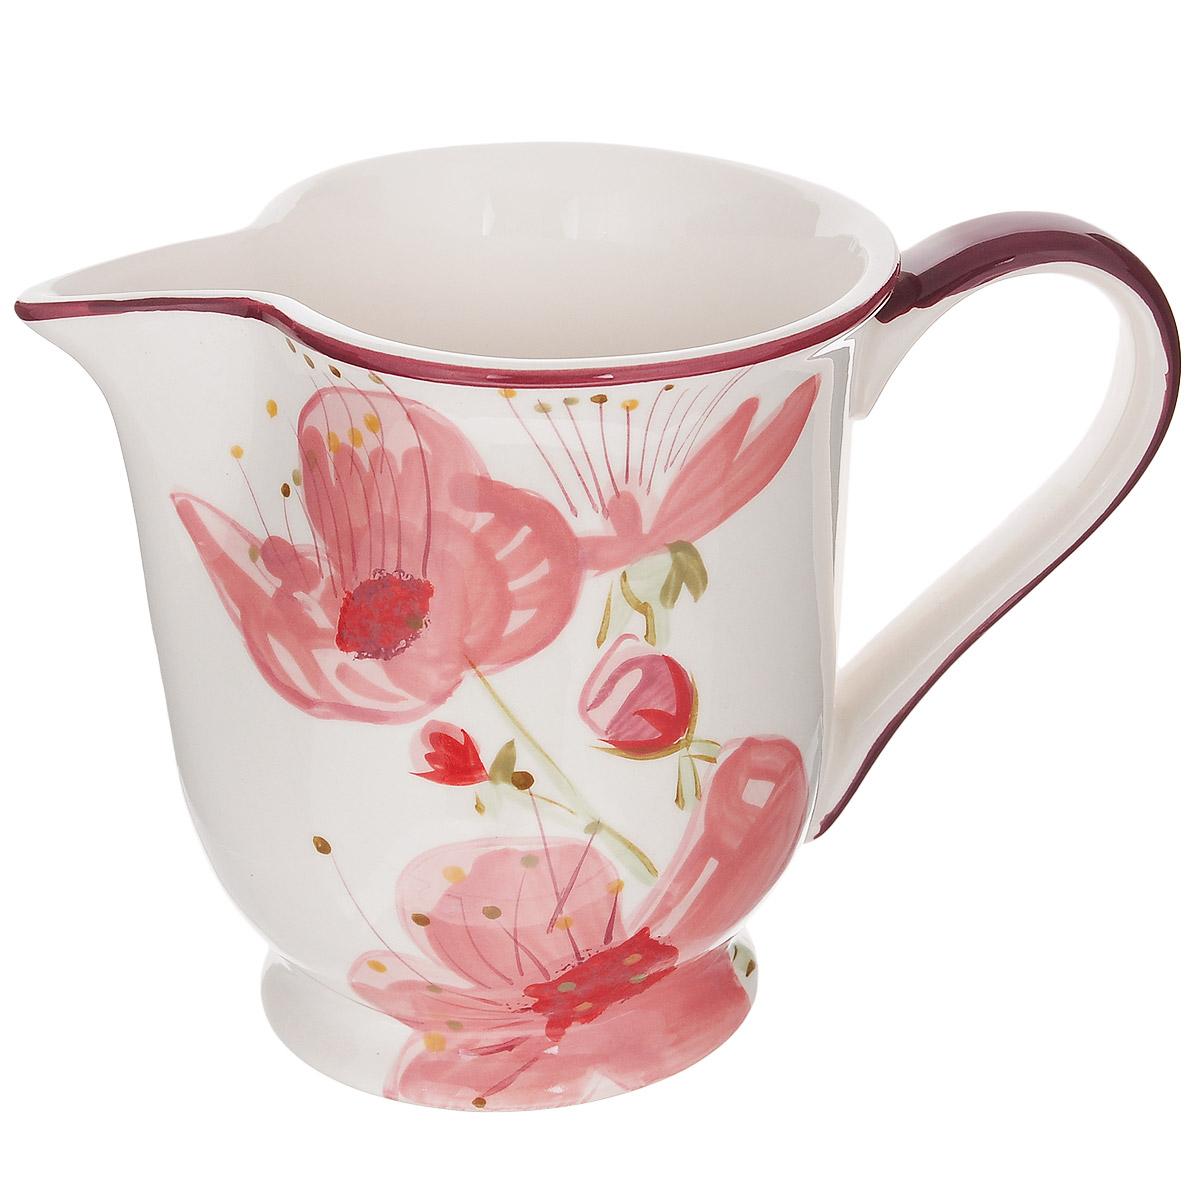 Кувшин Polnaya Chasha Вишня, 1 лVT-1520(SR)Кувшин Polnaya Chasha Вишня изготовлен из высококачественной глазурованной керамики и оформлен красивым рисунком. Такой кувшин прекрасно подойдет для подачи молока, сока, воды и других напитков. Он ярко украсит ваш стол и станет практичным аксессуаром на вашей кухне. Коллекция Вишня - это очень модный и современный дизайн для использования каждый день на вашем столе. Каждый предмет данной коллекции эксклюзивно раскрашен вручную с помощью ярких устойчивых красок. Подходит для использования в микроволновых печах, а также для мытья в посудомоечных машинах.